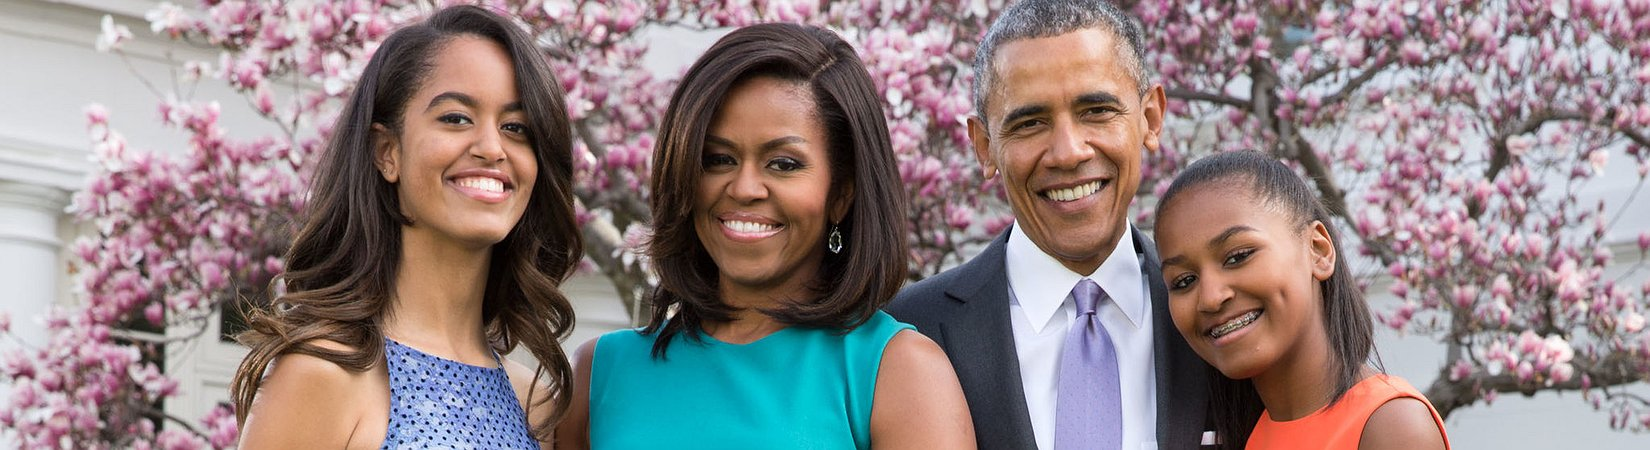 صور: منزل باراك أوباما الجديد بـ5.3 مليون